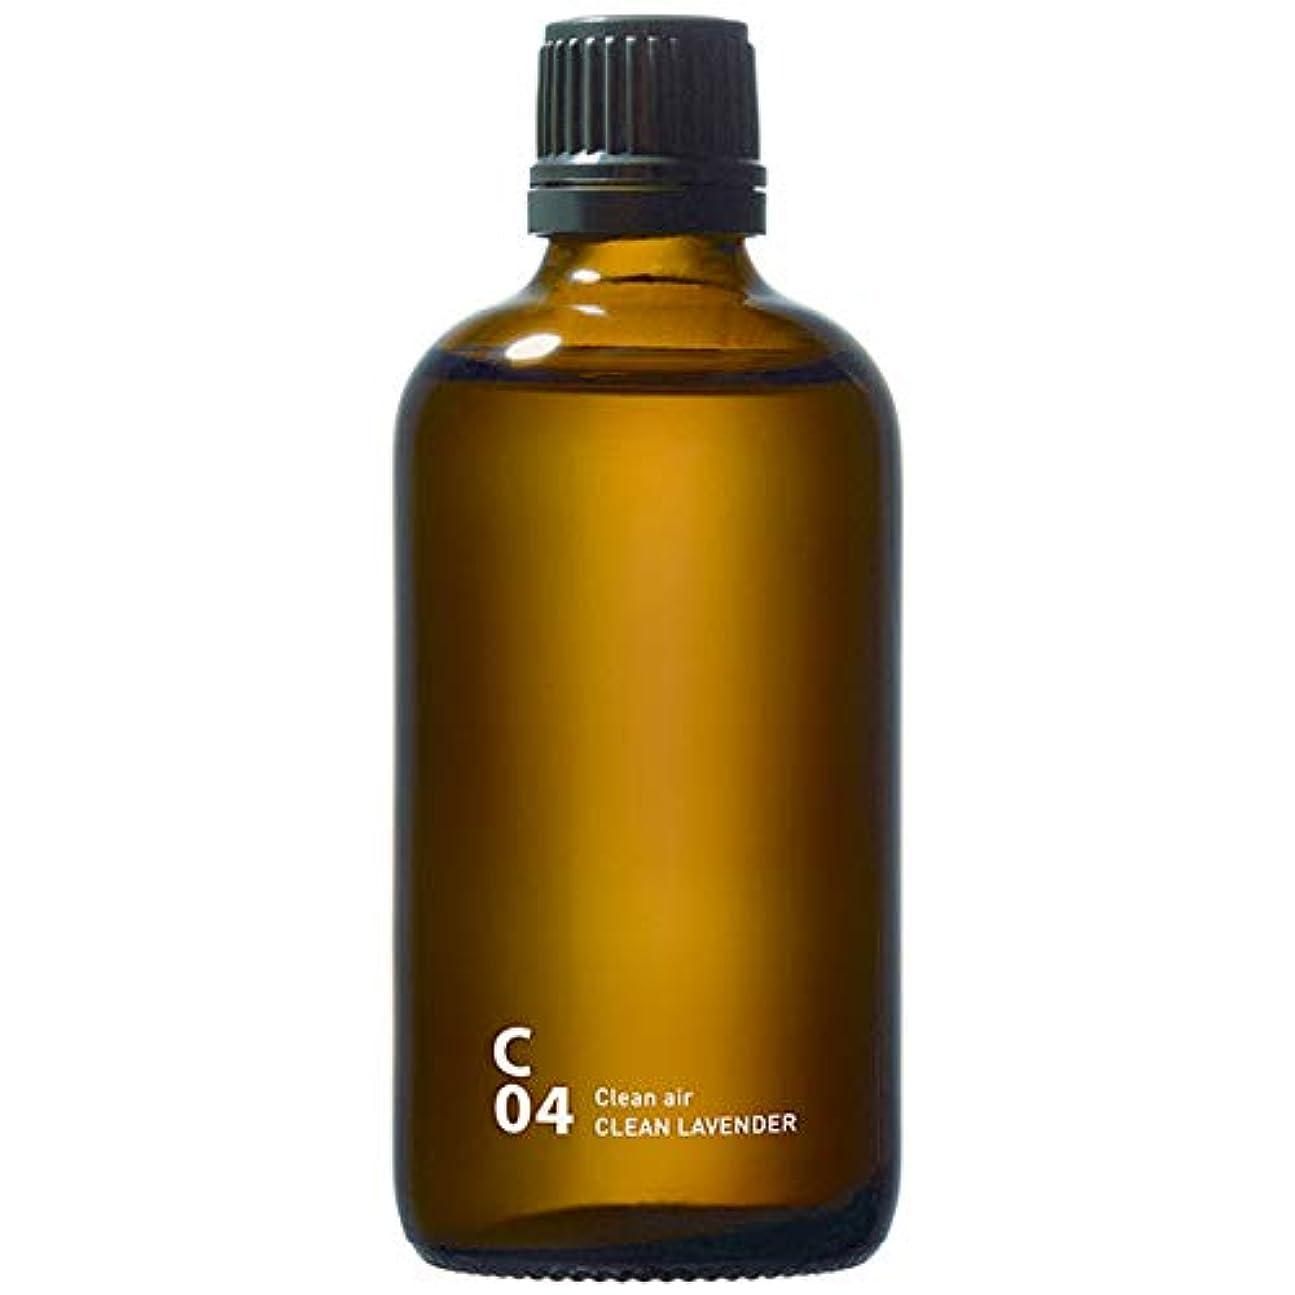 思い出させる気になるアラブ人C04 CLEAN LAVENDER piezo aroma oil 100ml